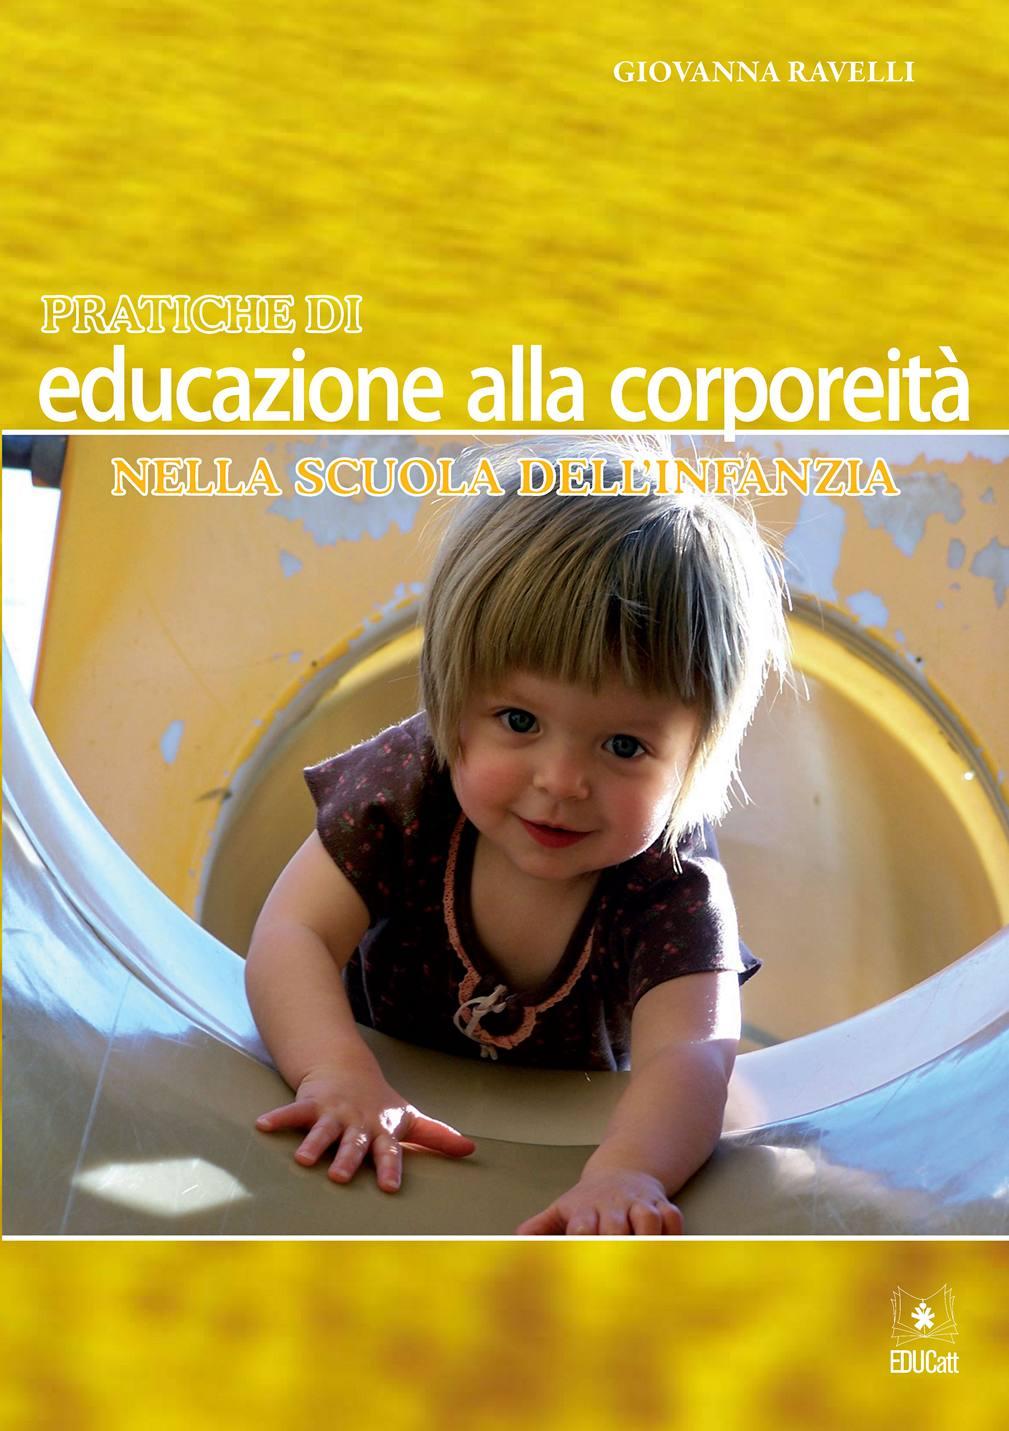 PRATICHE DI EDUCAZIONE ALLA CORPOREITA' NELLA SCUOLA DELL'INFANZIA